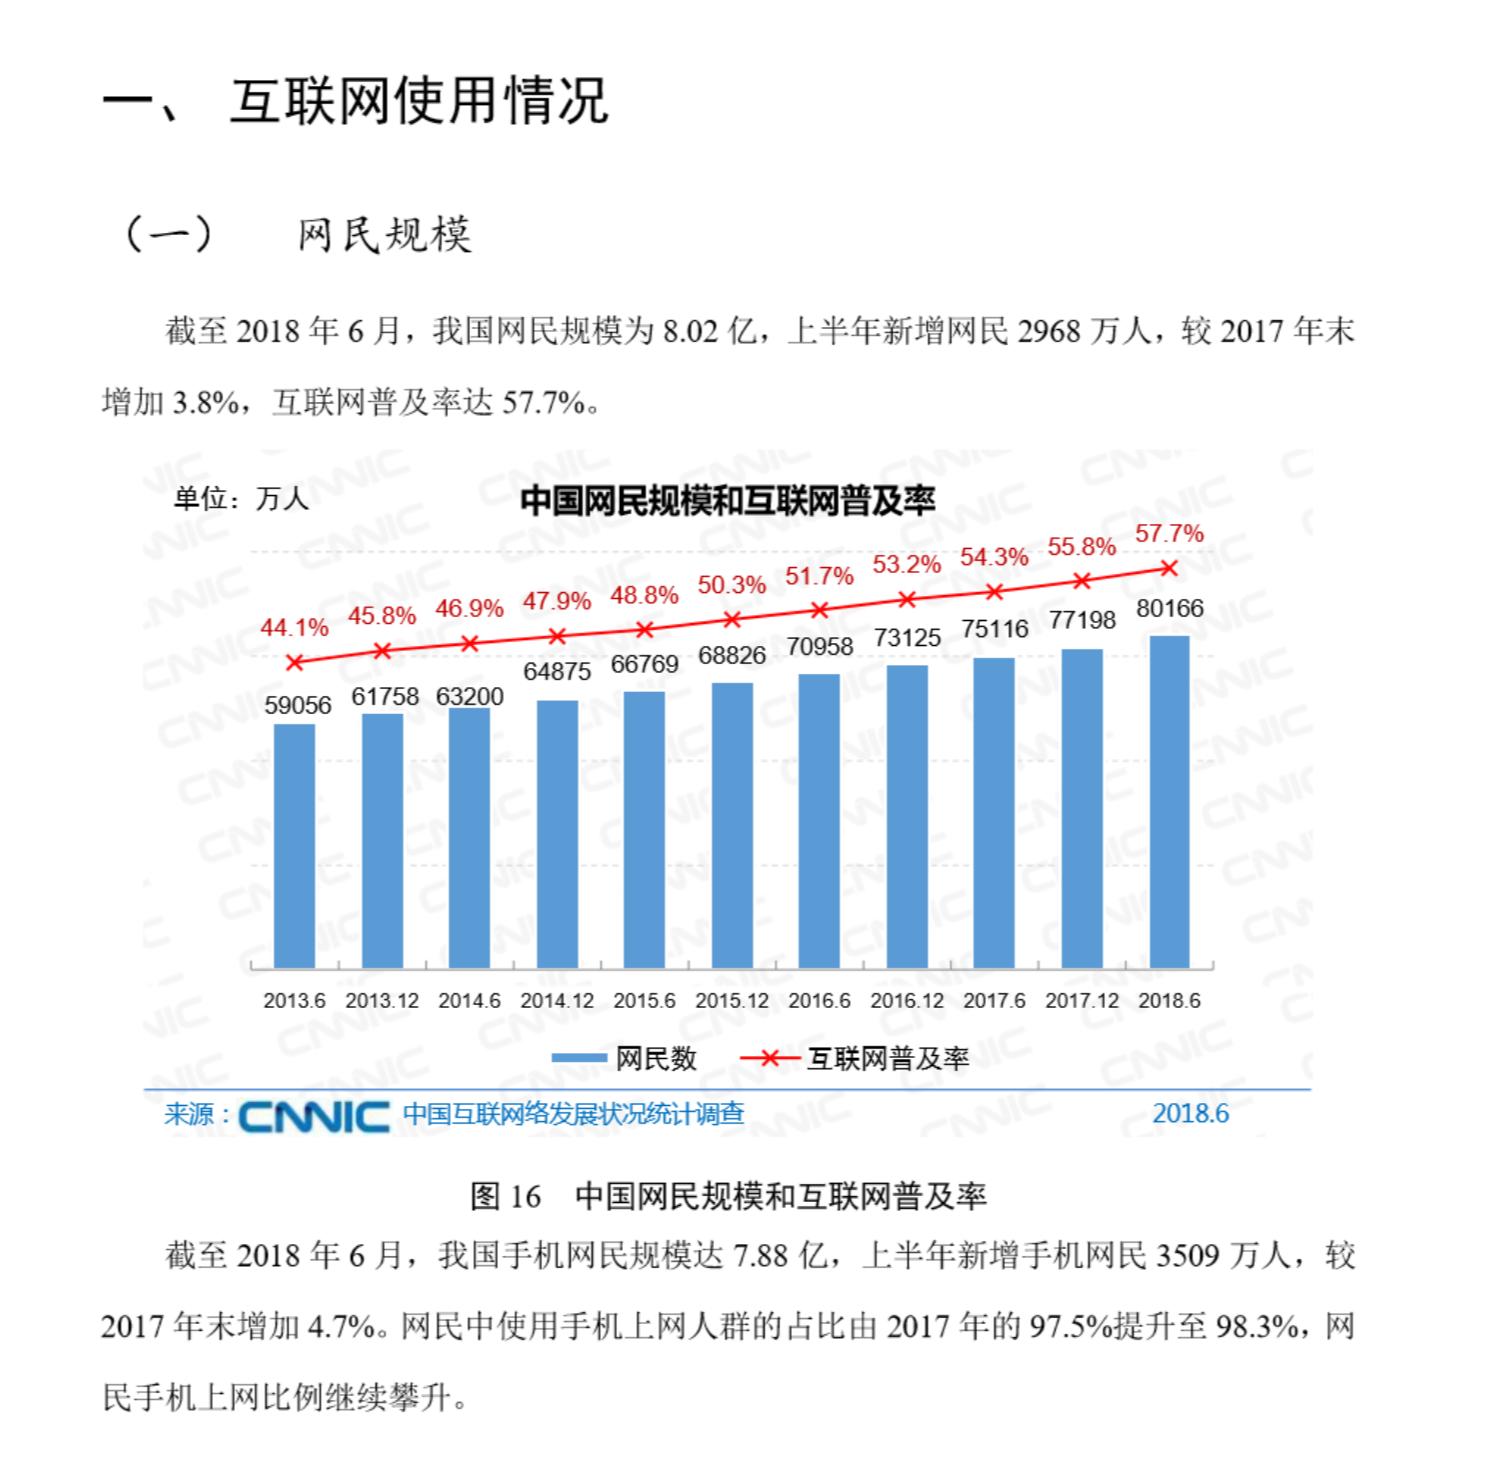 中国网信办,《第42次中国互联网络发展状况统计报告》